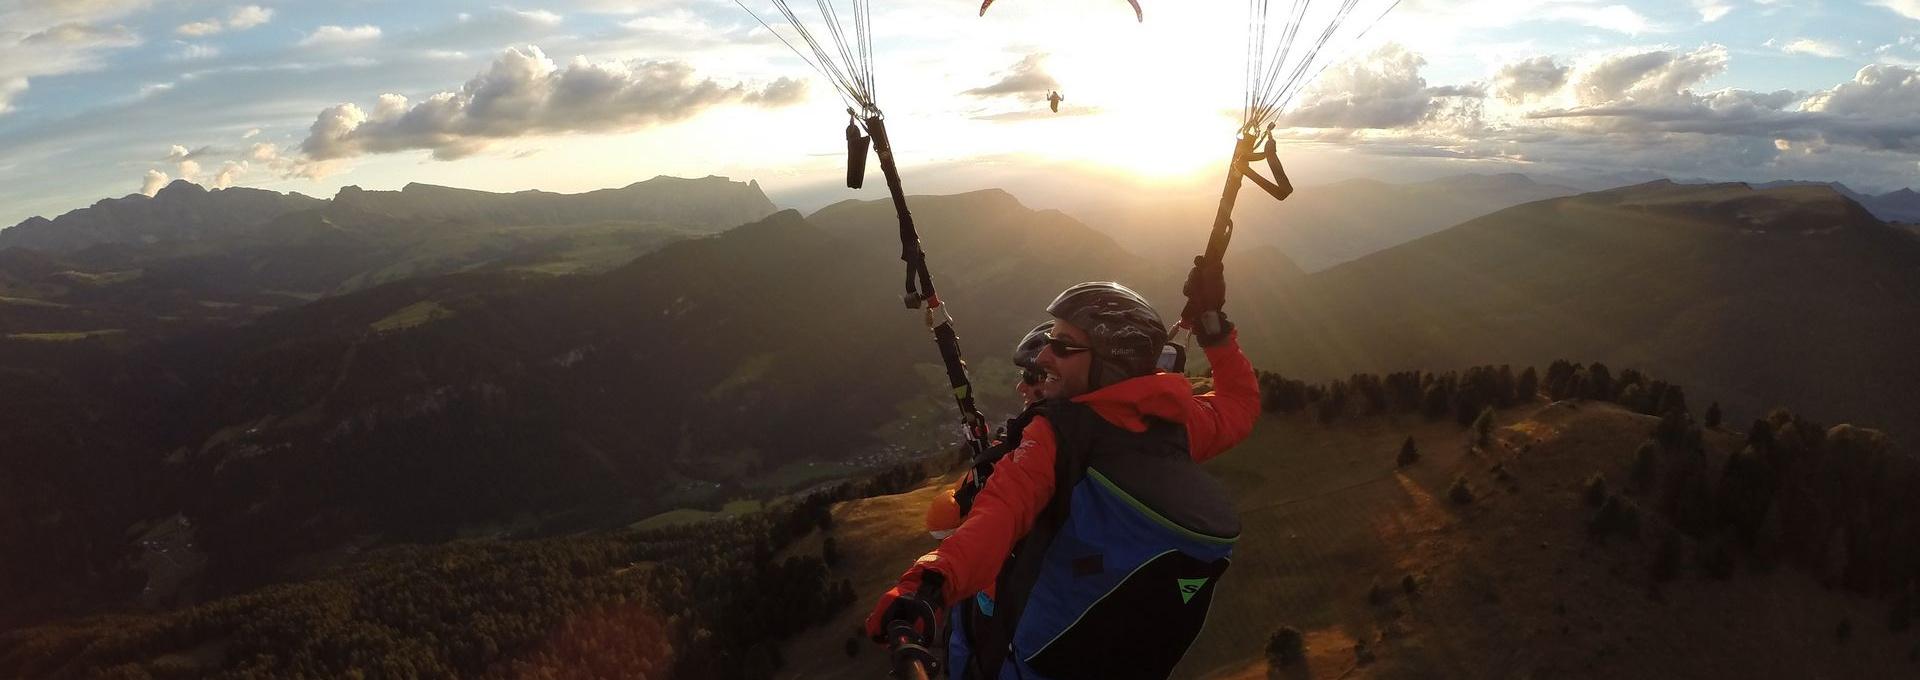 Flight paragliding tandem Dolomites